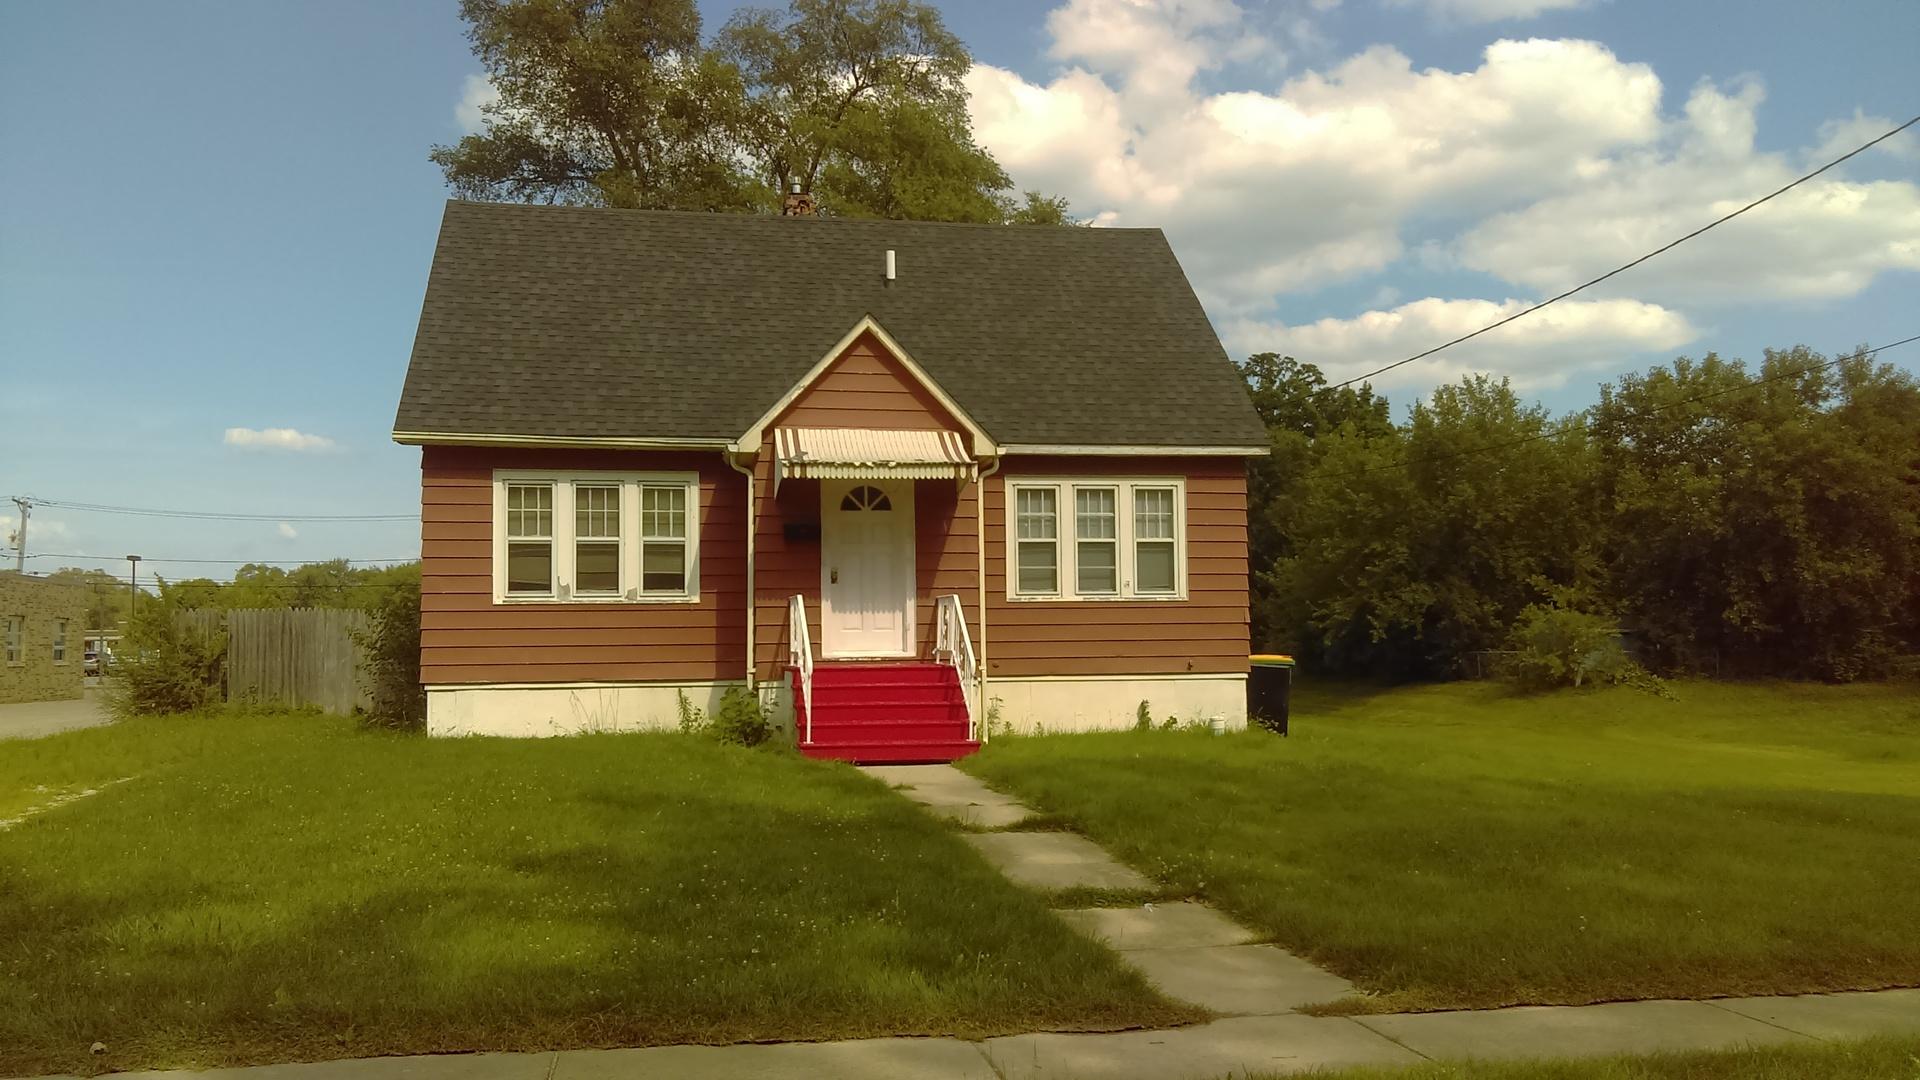 Property for sale at 75 South De Witt Place, Coal City,  IL 60416